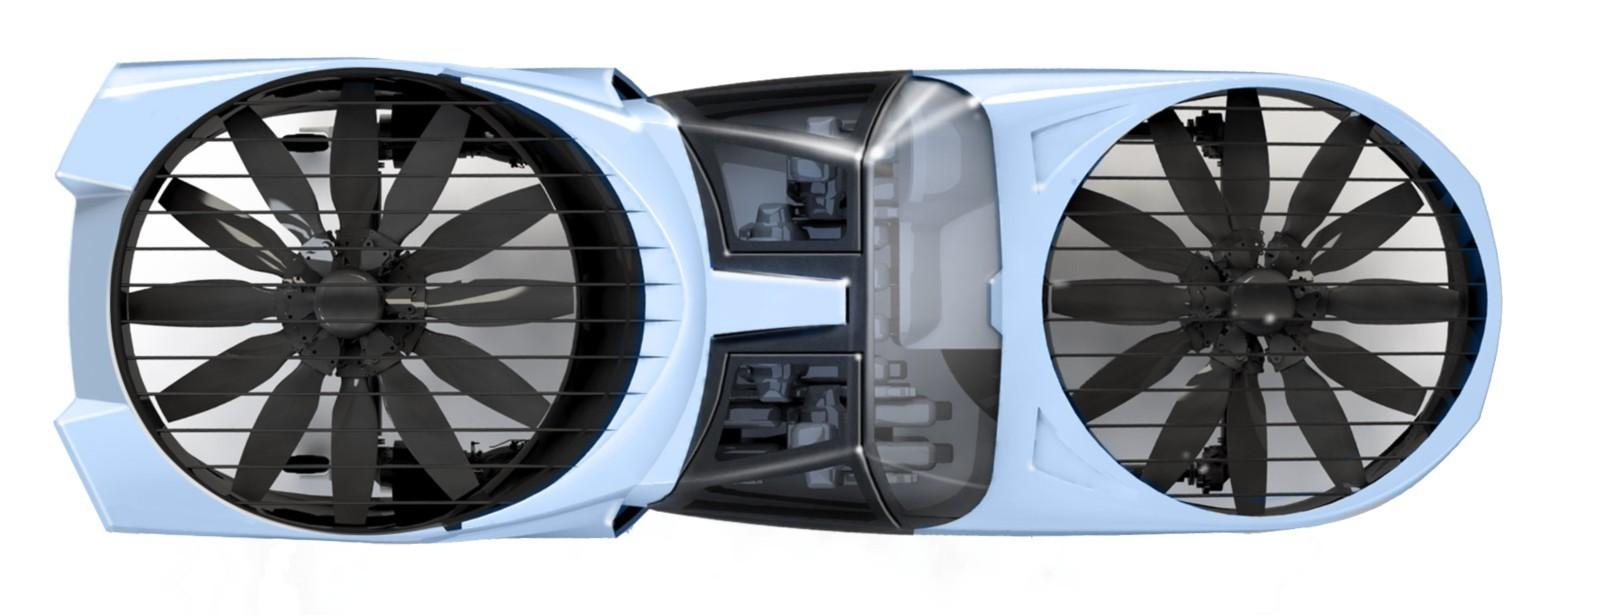 CityHawk tendrá un sistema de hélice Fancraft.